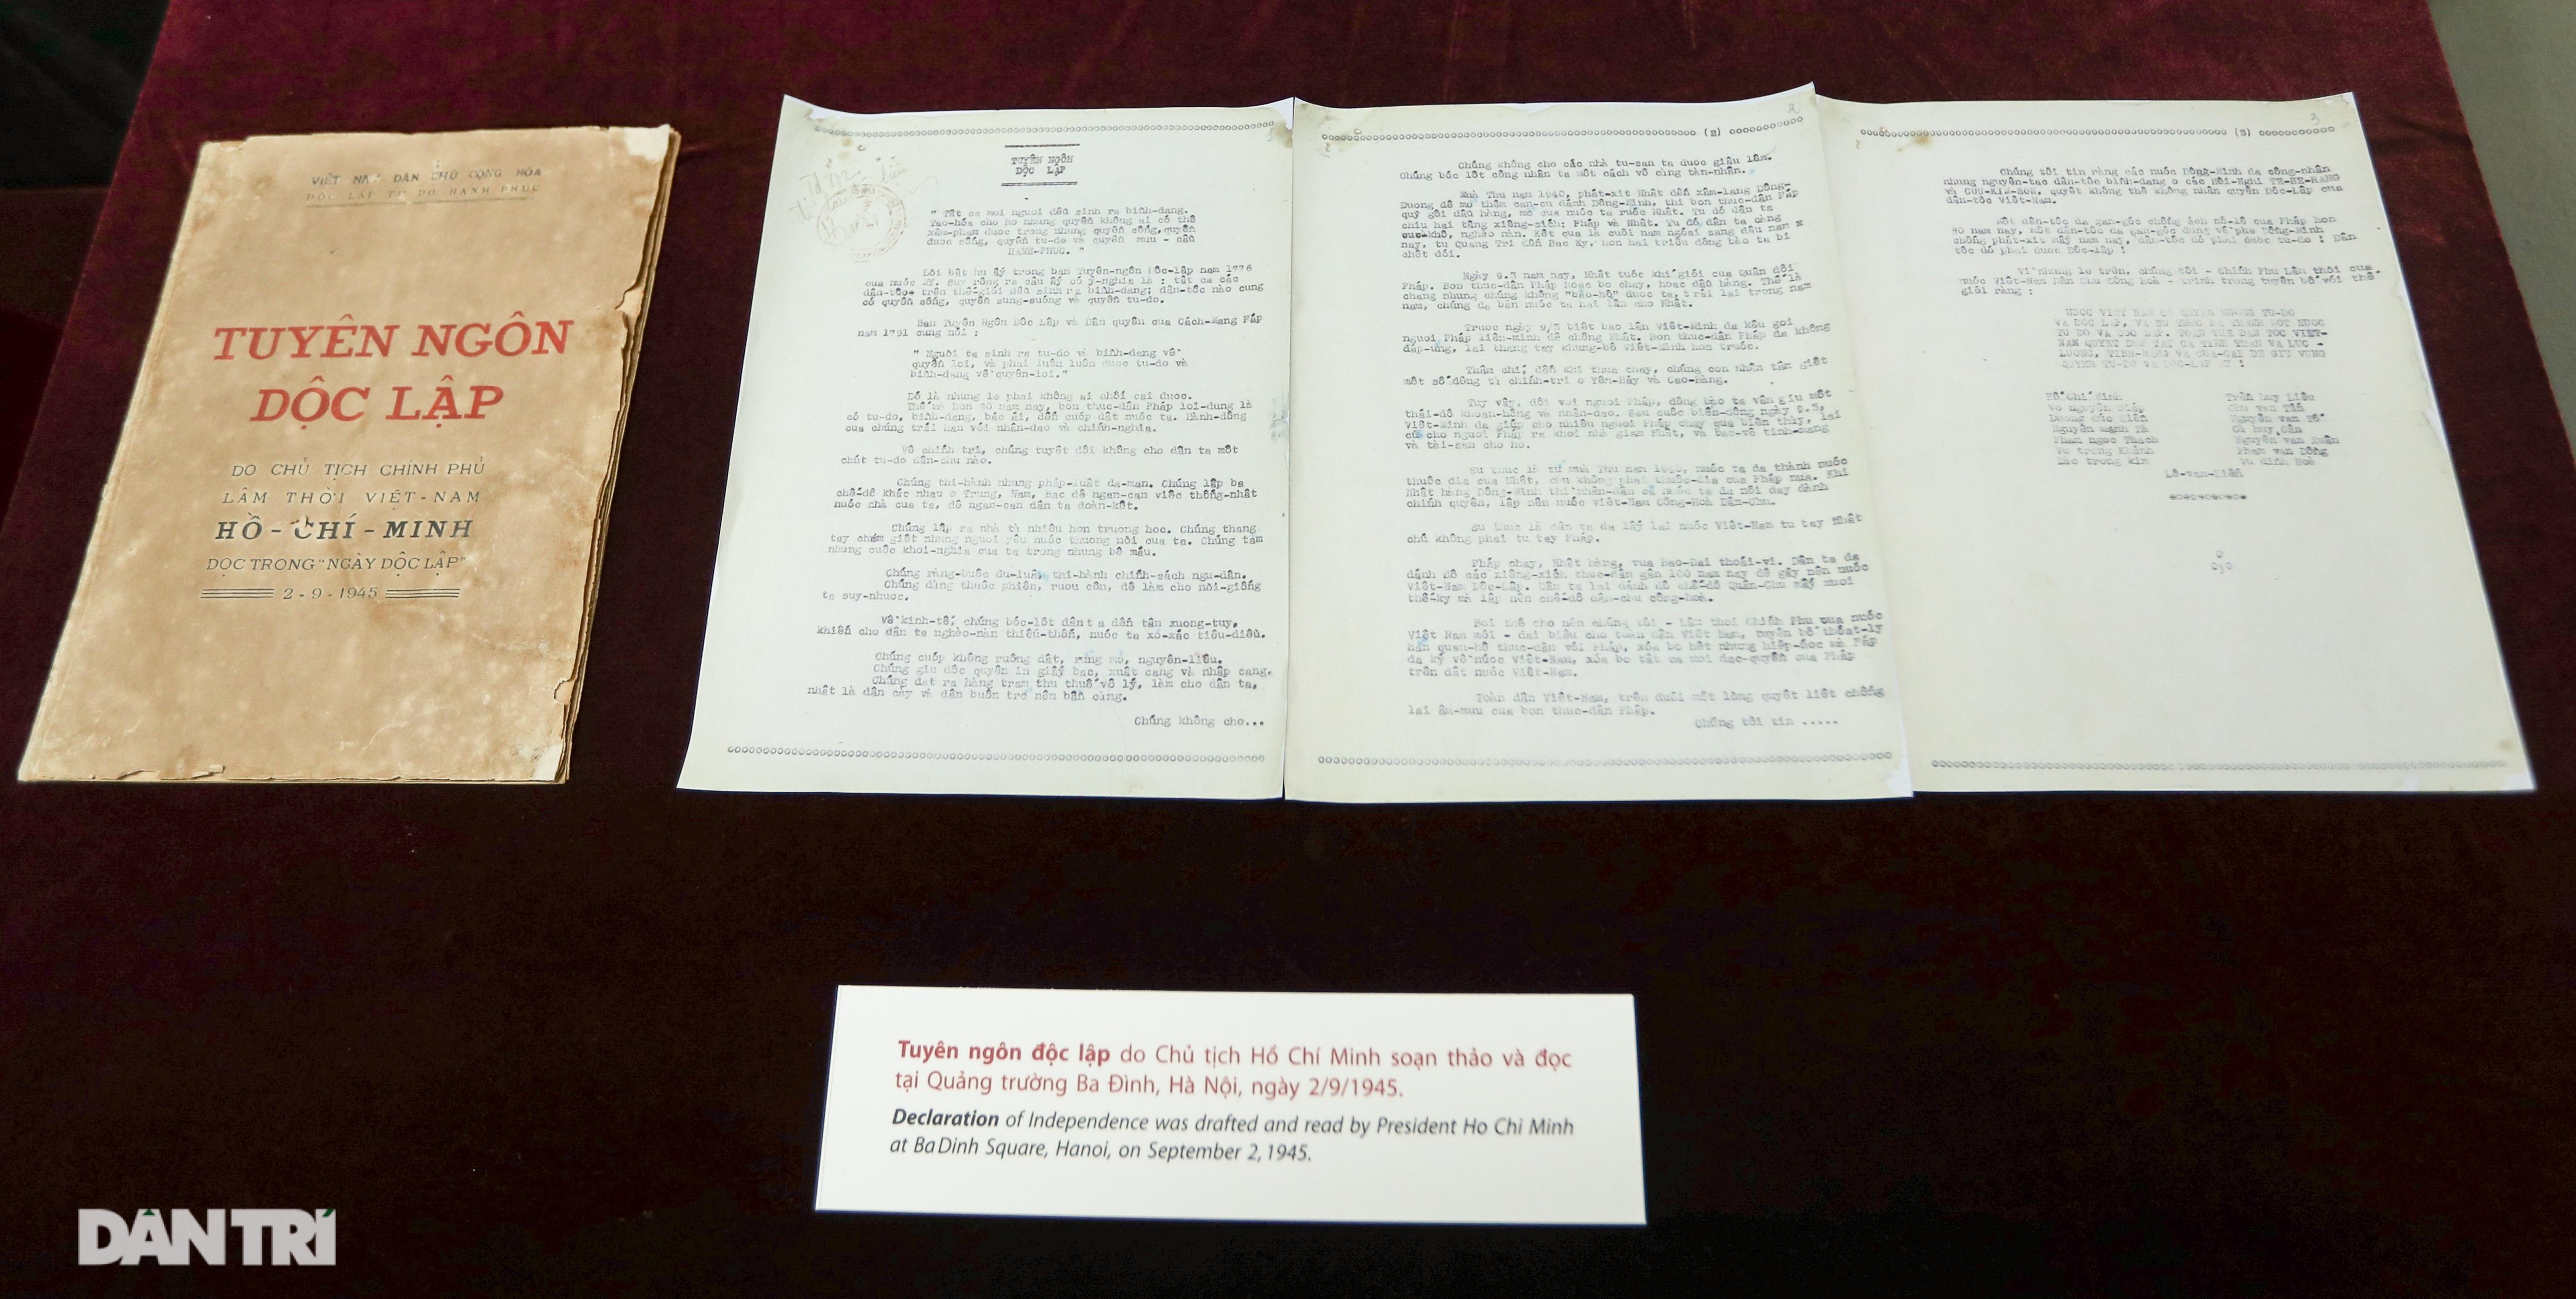 Kỷ vật ghi lời hiệu triệu hào hùng của Bác Hồ ngày Tổng khởi nghĩa - 17